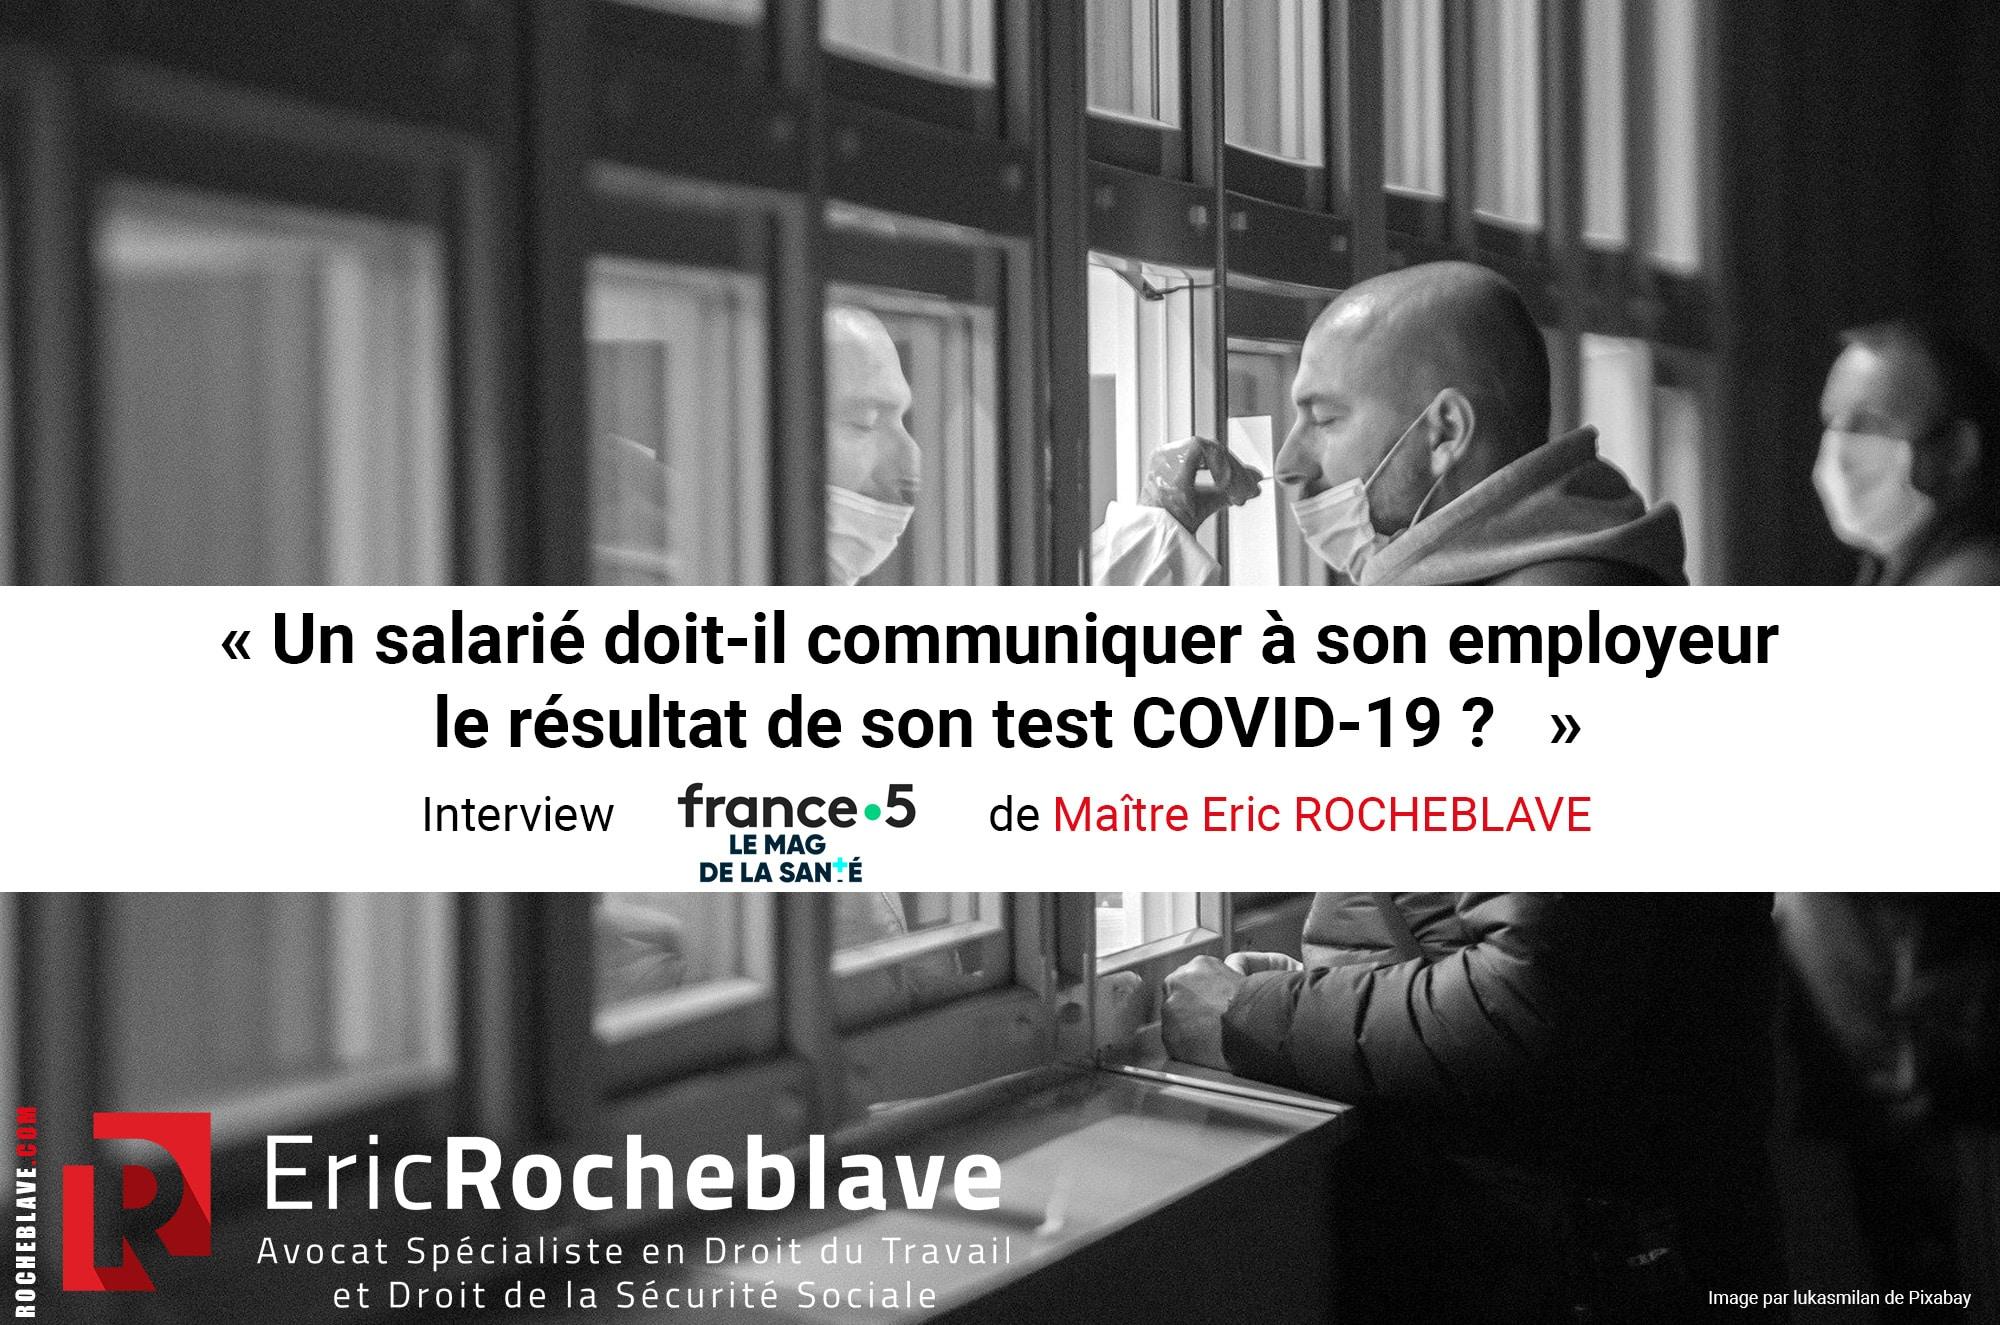 « Un salarié doit-il communiquer à son employeur le résultat de son test COVID-19 ? » Interview dans LE MAG DE LA SANTE sur France 5 de Maître Eric ROCHEBLAVE